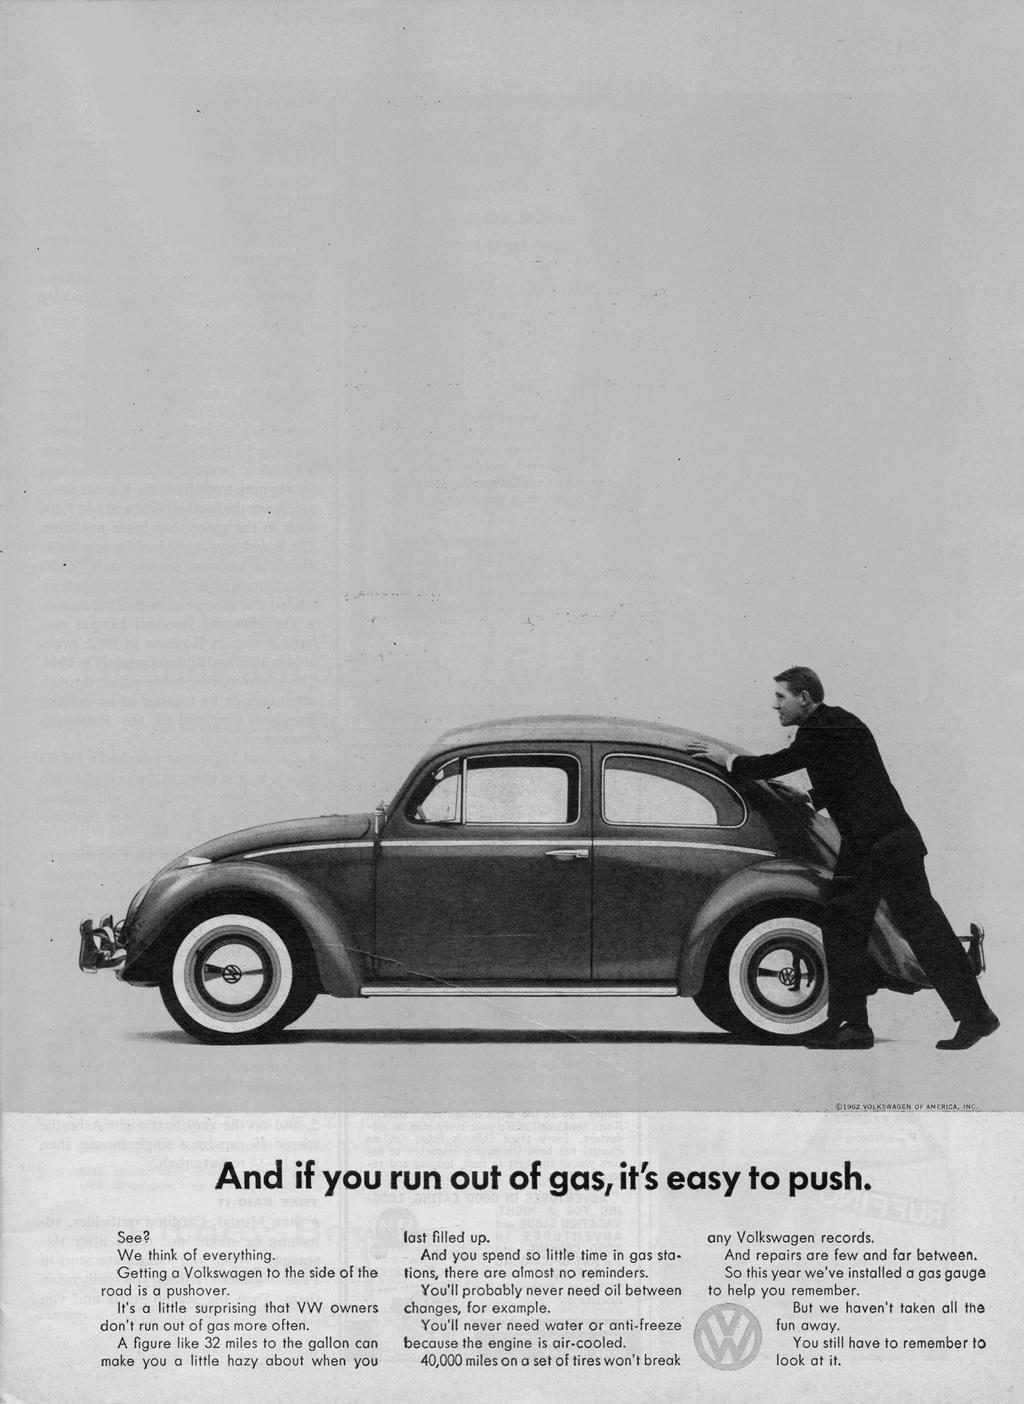 福斯當年為金龜車銷美,特別設計幽默廣告:「如果你沒油了,它輕鬆好推。」福斯/提供